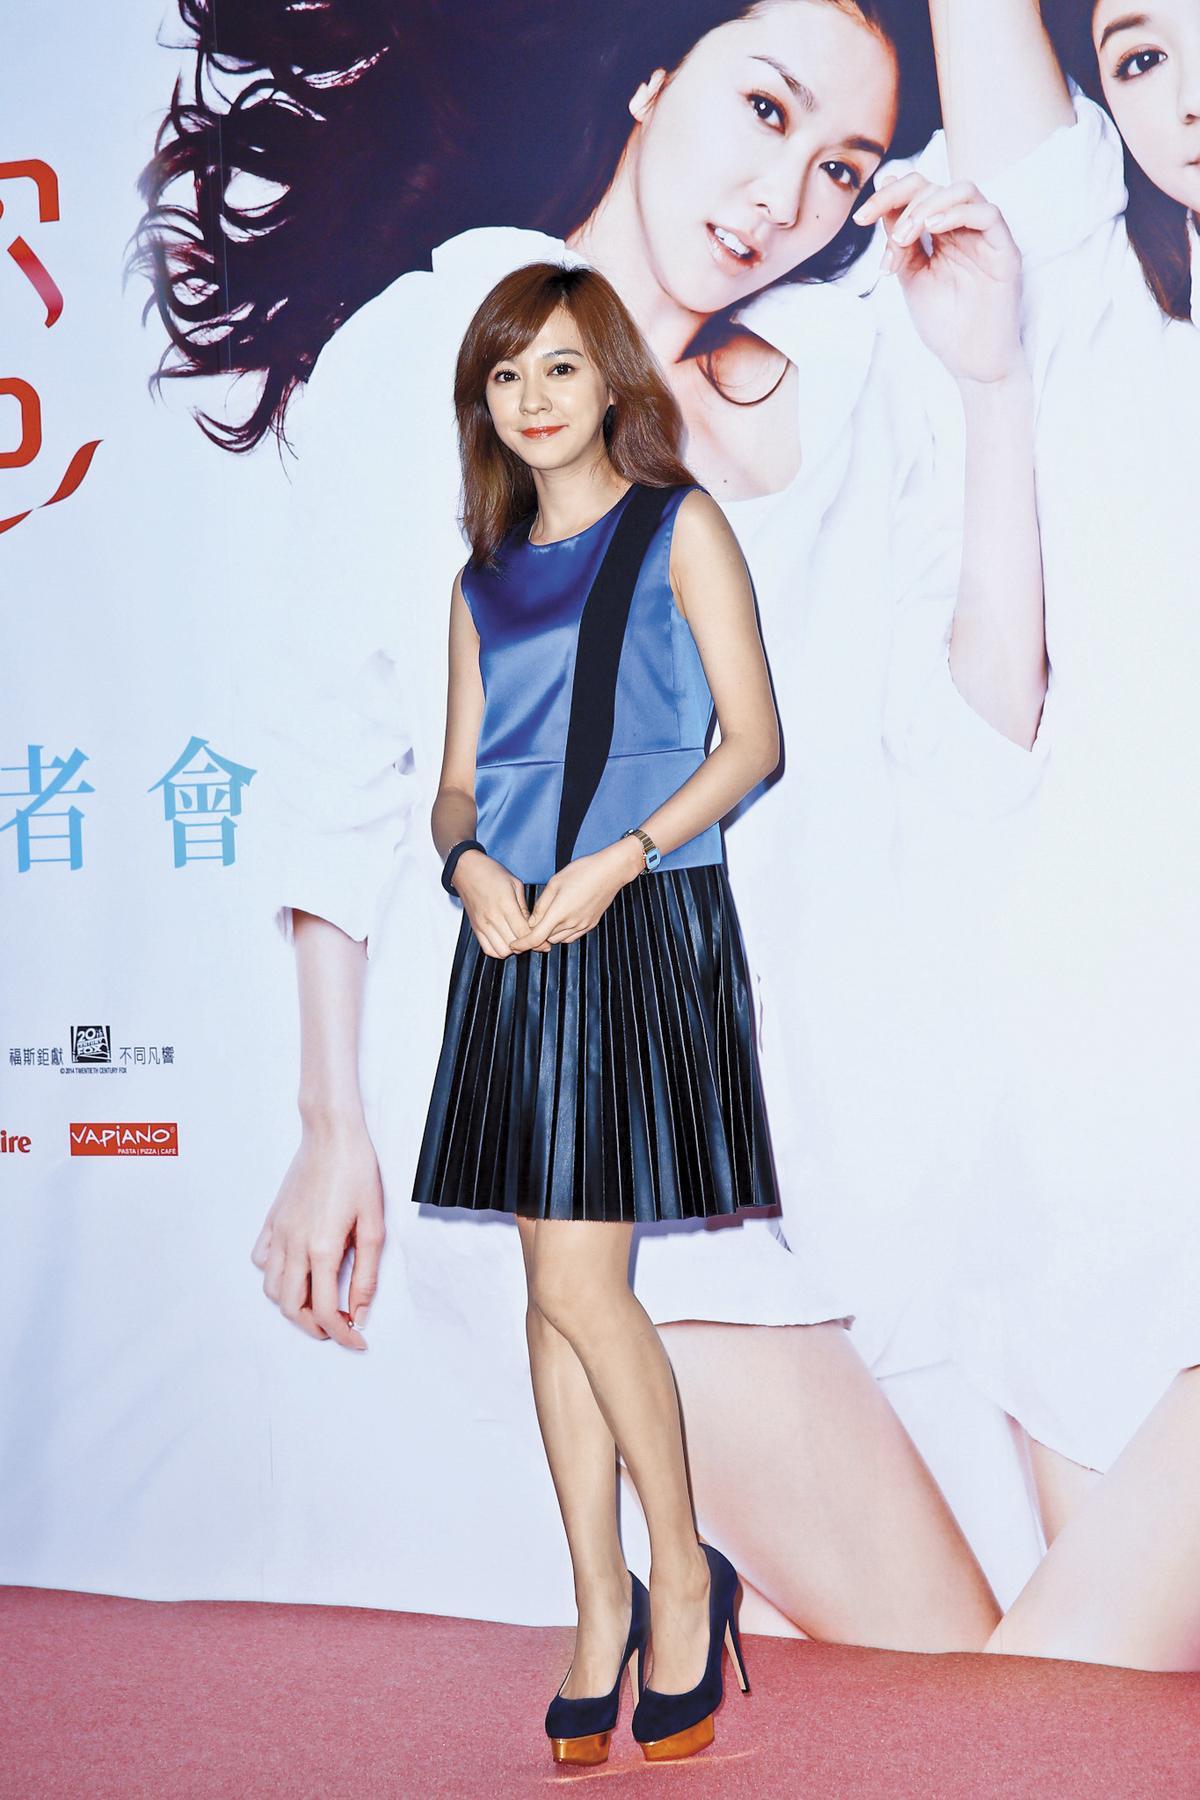 陳意涵與張鈞甯都是台灣影壇知名玉女,這次為《閨蜜2》豁出去,形象差很大。